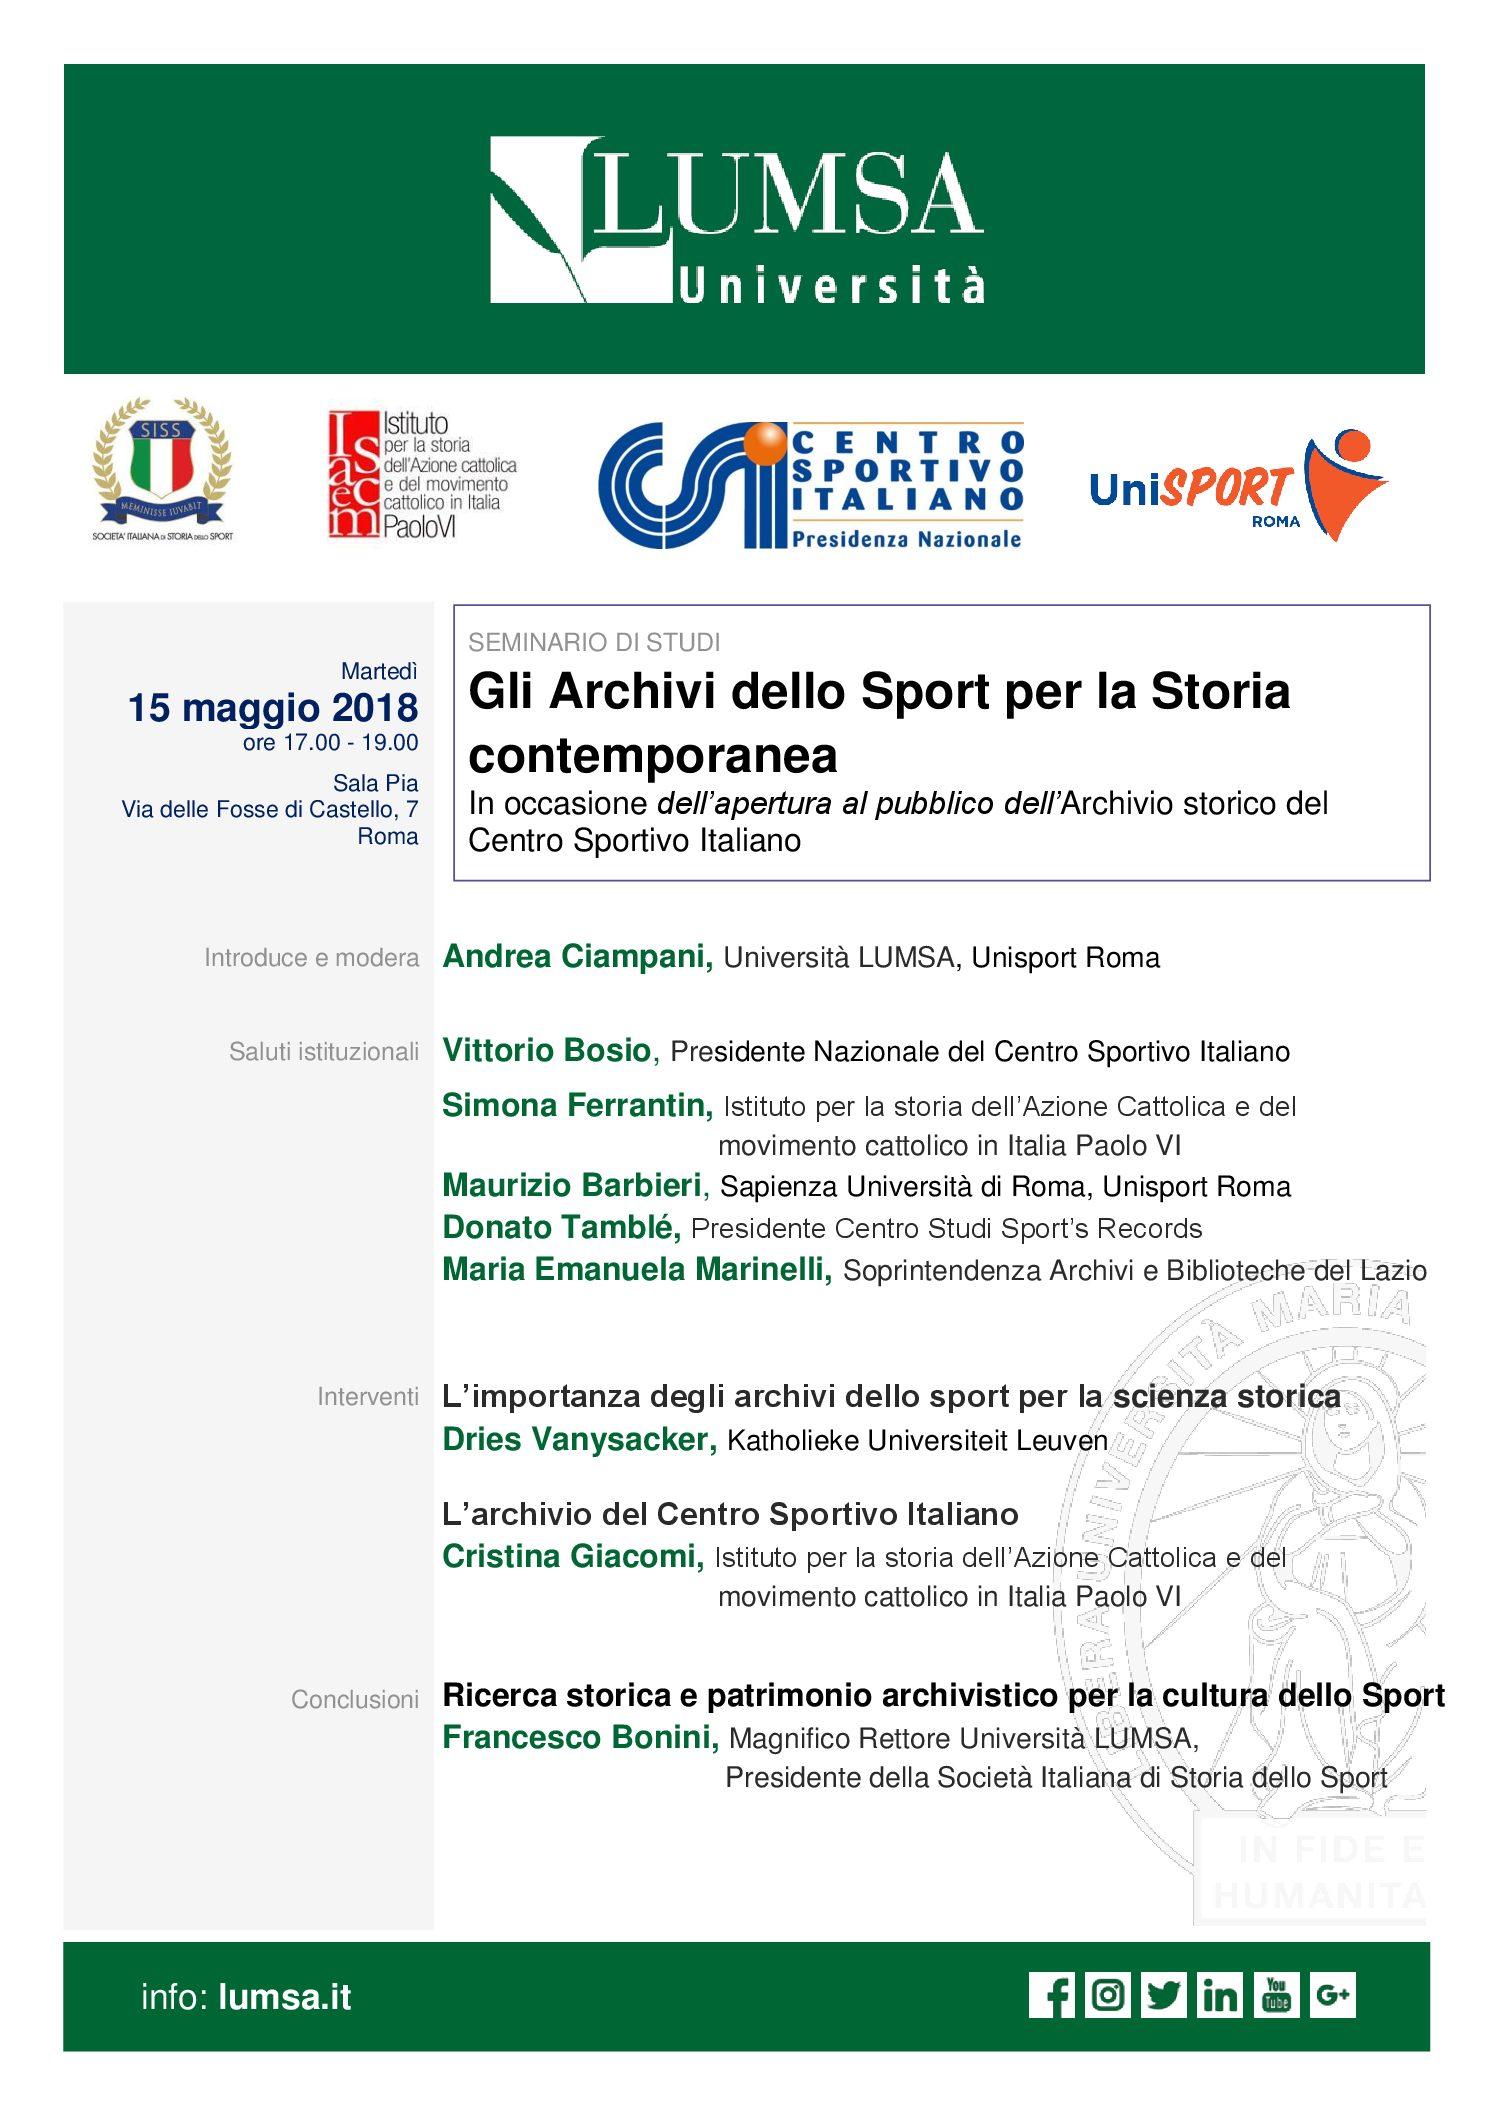 Gli Archivi dello Sport per la Storia contemporanea